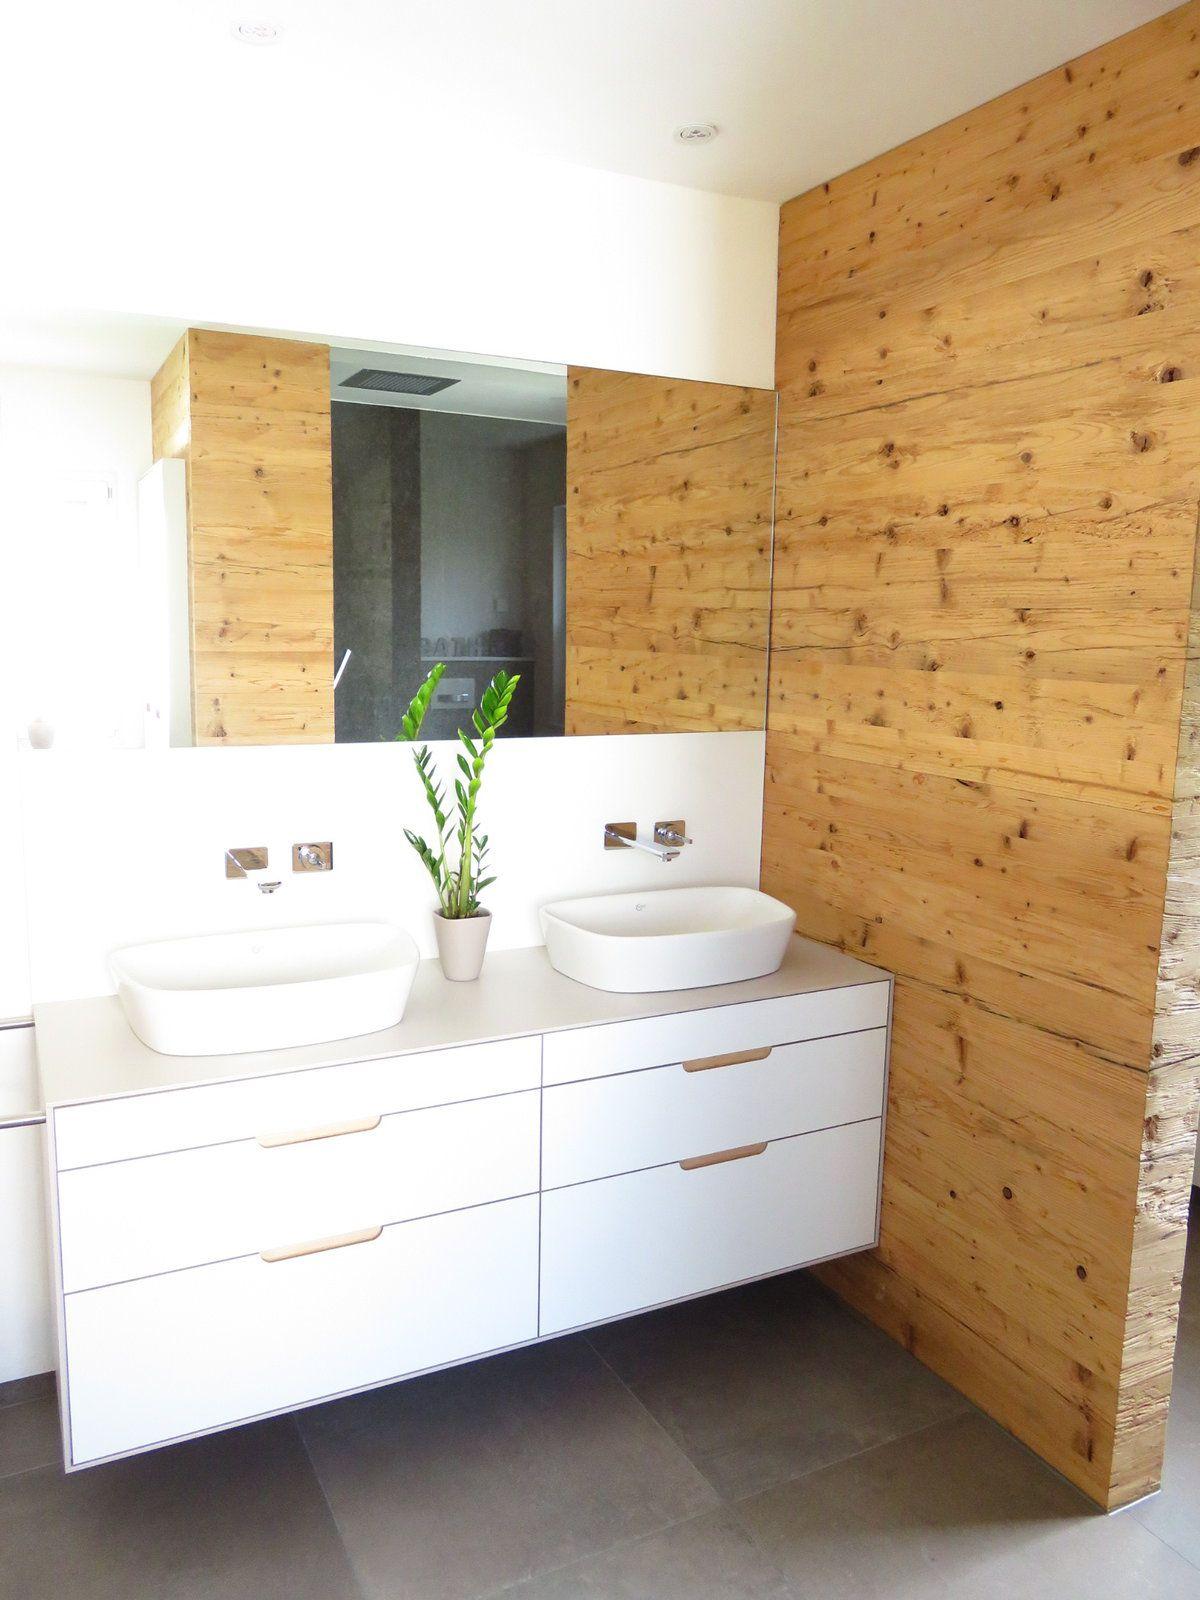 Badezimmer ist fertig   Badezimmer, Badezimmer gestalten, Schöne badezimmer